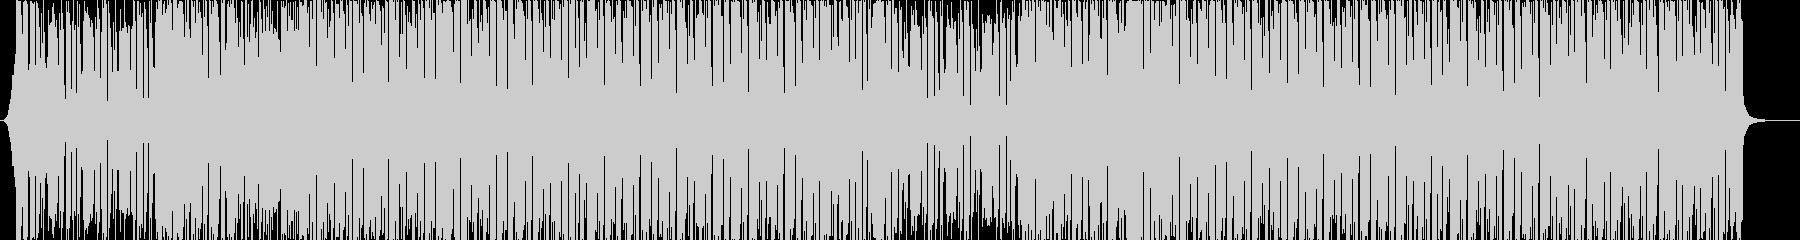 ポジティブなトロピカルハウスの未再生の波形